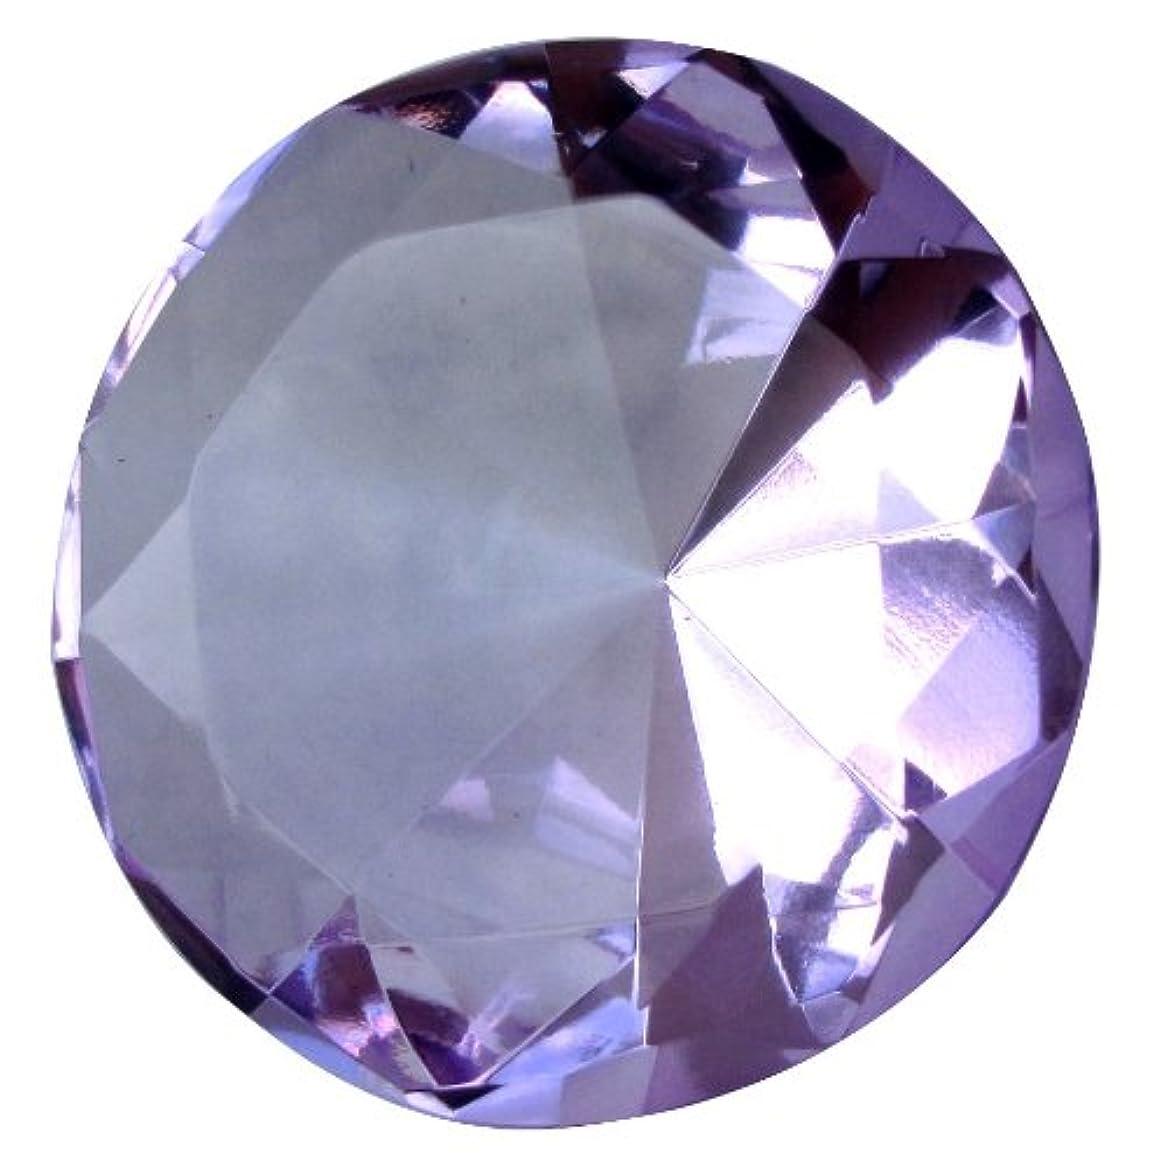 ベーシックデモンストレーション豊富なGiant Purple 60 Mm Cut Glass Diamond Jewel Paperweight